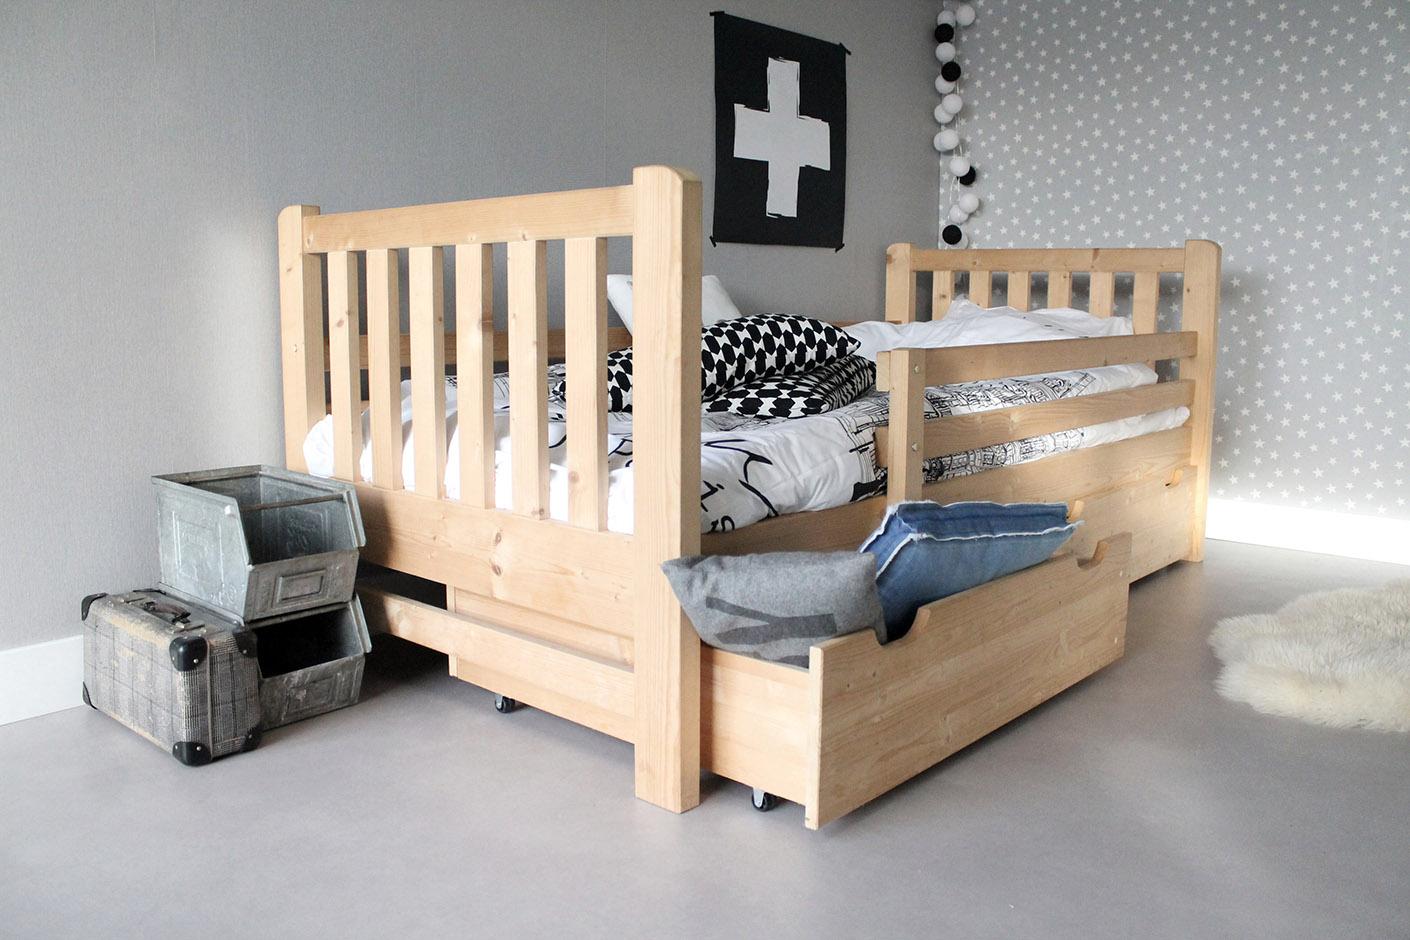 Full Size of Bett Kleinkind Kinderbett Kinderbetten Kaufen Aus 100 Massivholz Tatami Weißes 140x200 140x220 Ohne Kopfteil Betten Hamburg Antik Japanische Selber Machen Bett Bett Kleinkind